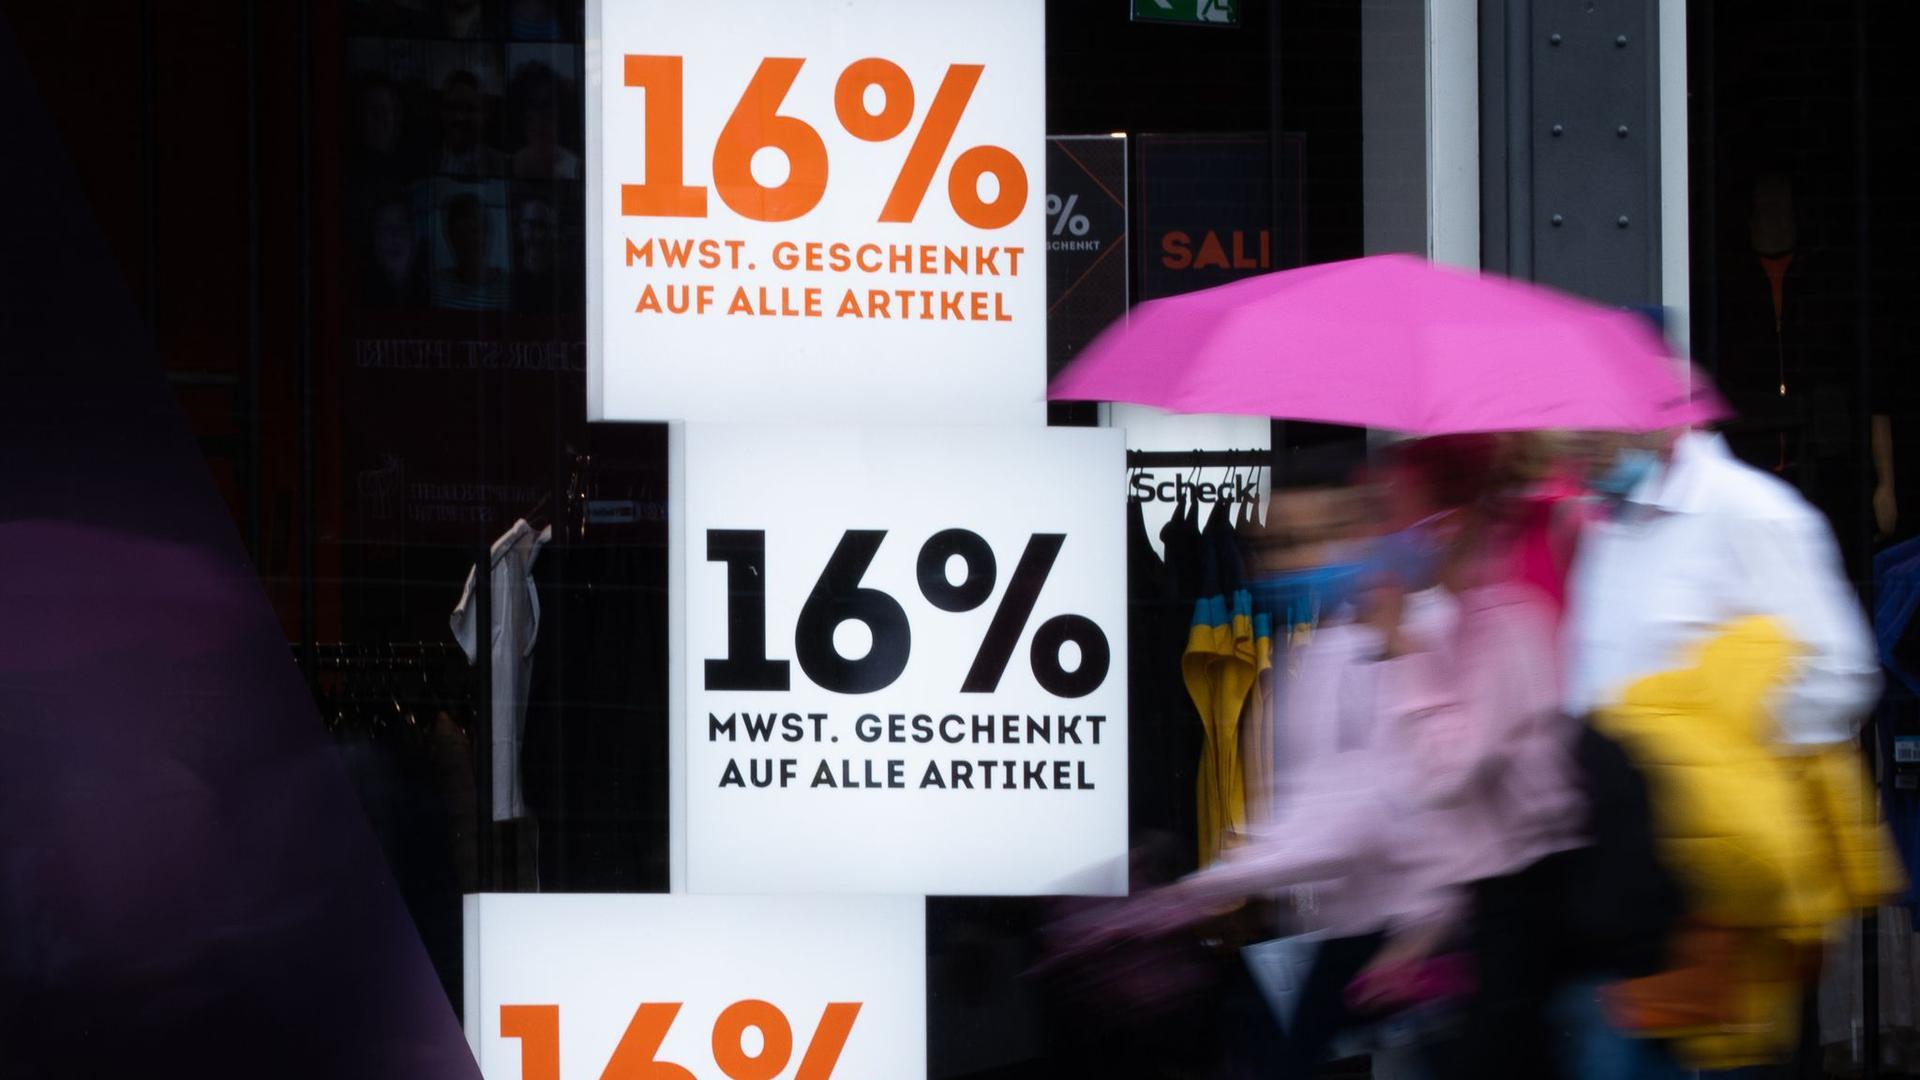 """Mit Schildern mit der Aufschrift """"16% Mehrwertsteuer geschenkt auf alle Artikel"""" wirbt ein Geschäft in der Hamburger Innenstadt."""